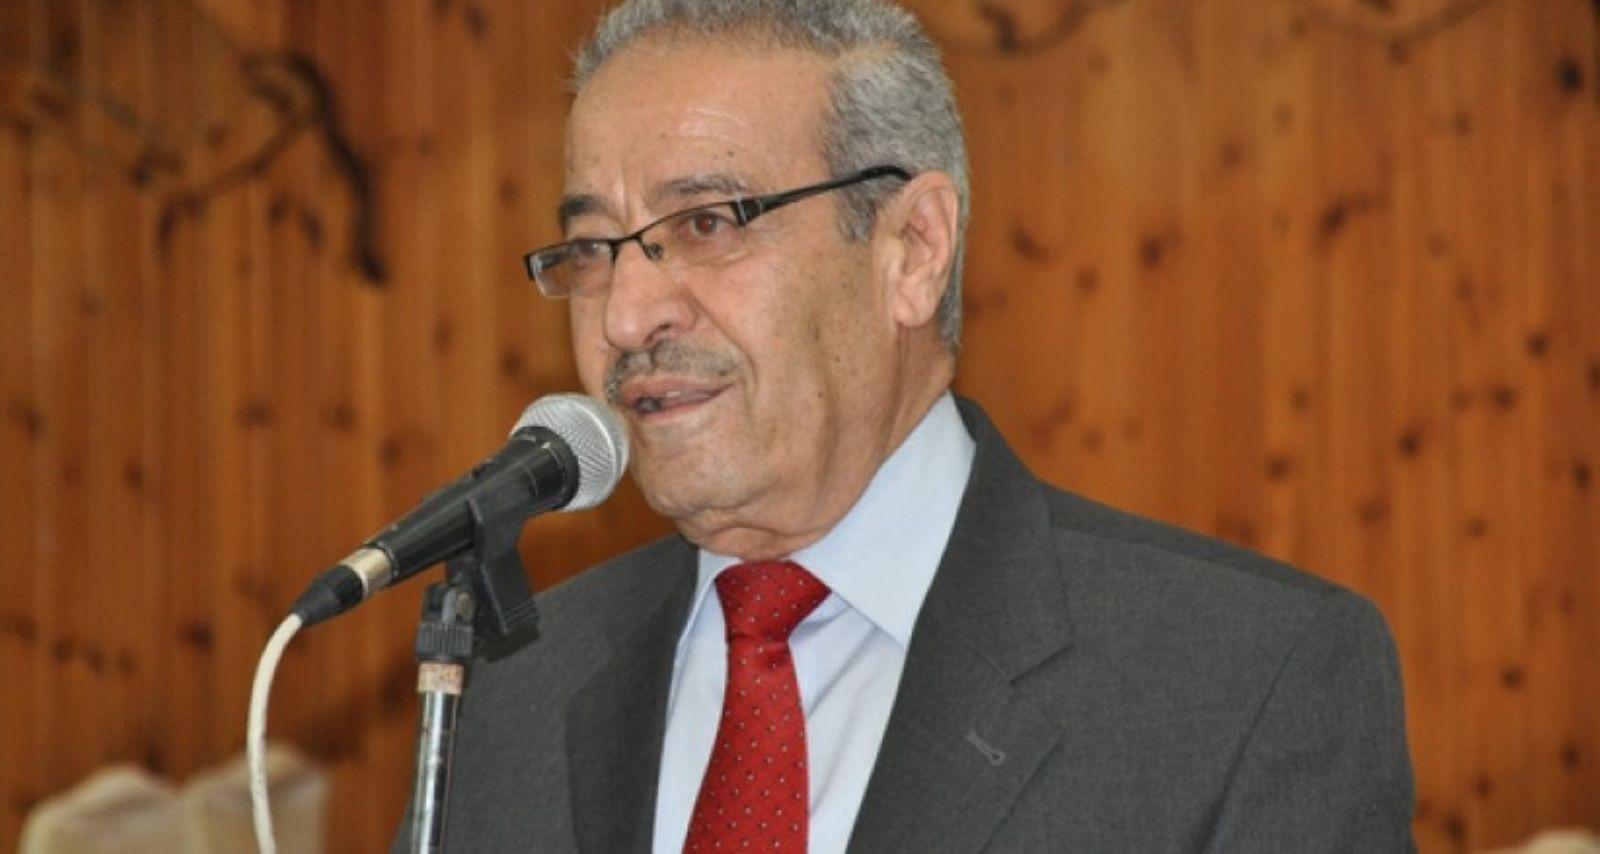 عضو اللجنة التنفيذية لمنظمة التحرير تيسير خالد